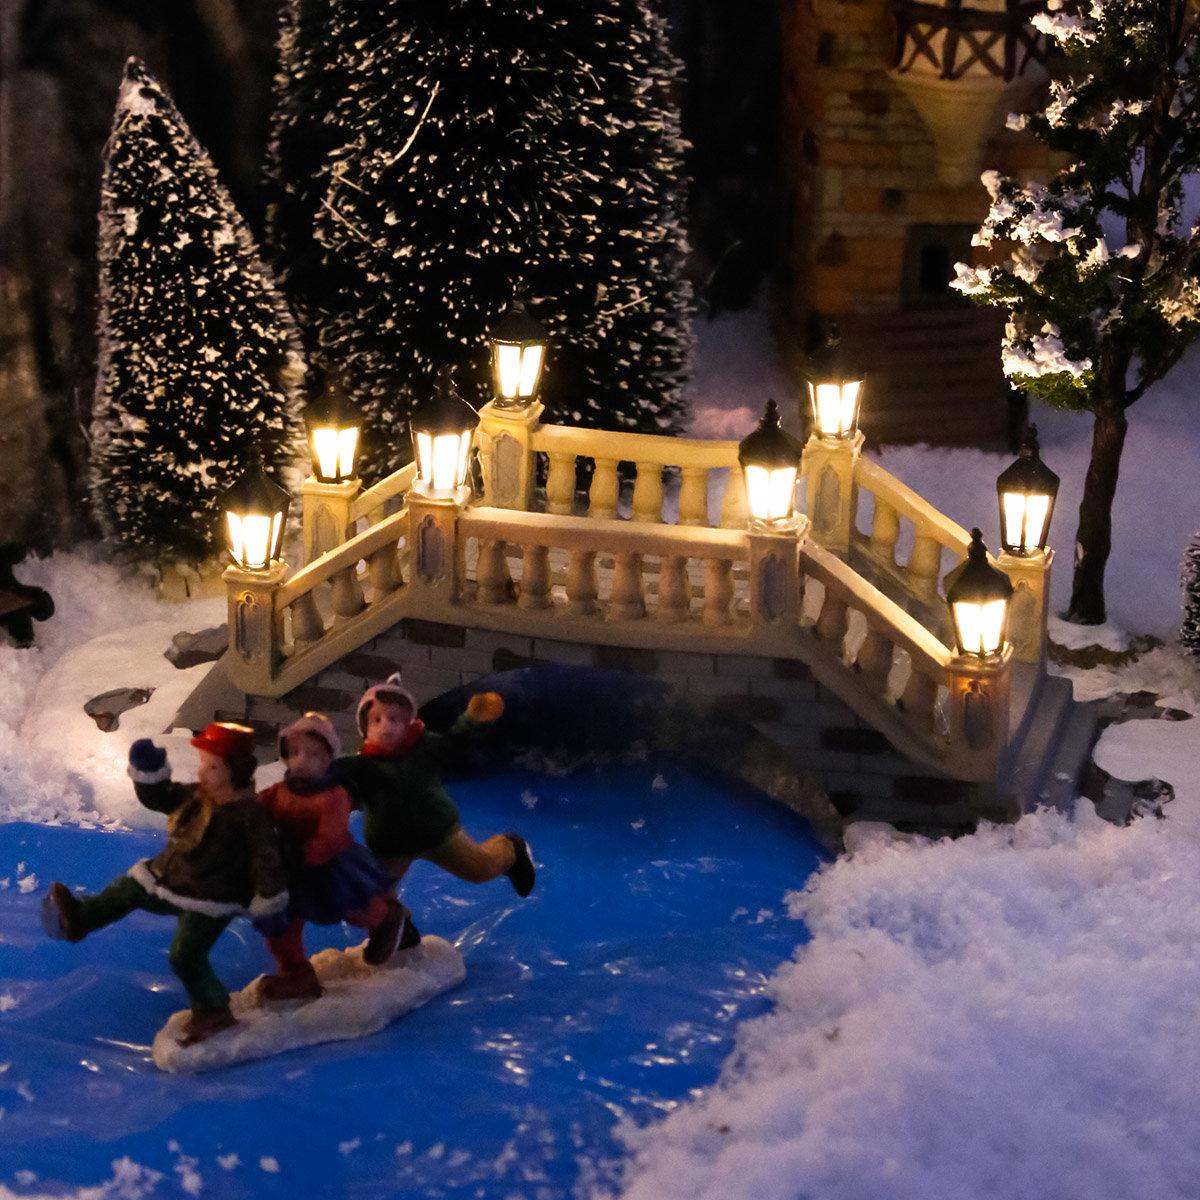 Miniatur-Weihnachtsdorf-LED-Steinbrücke | #2